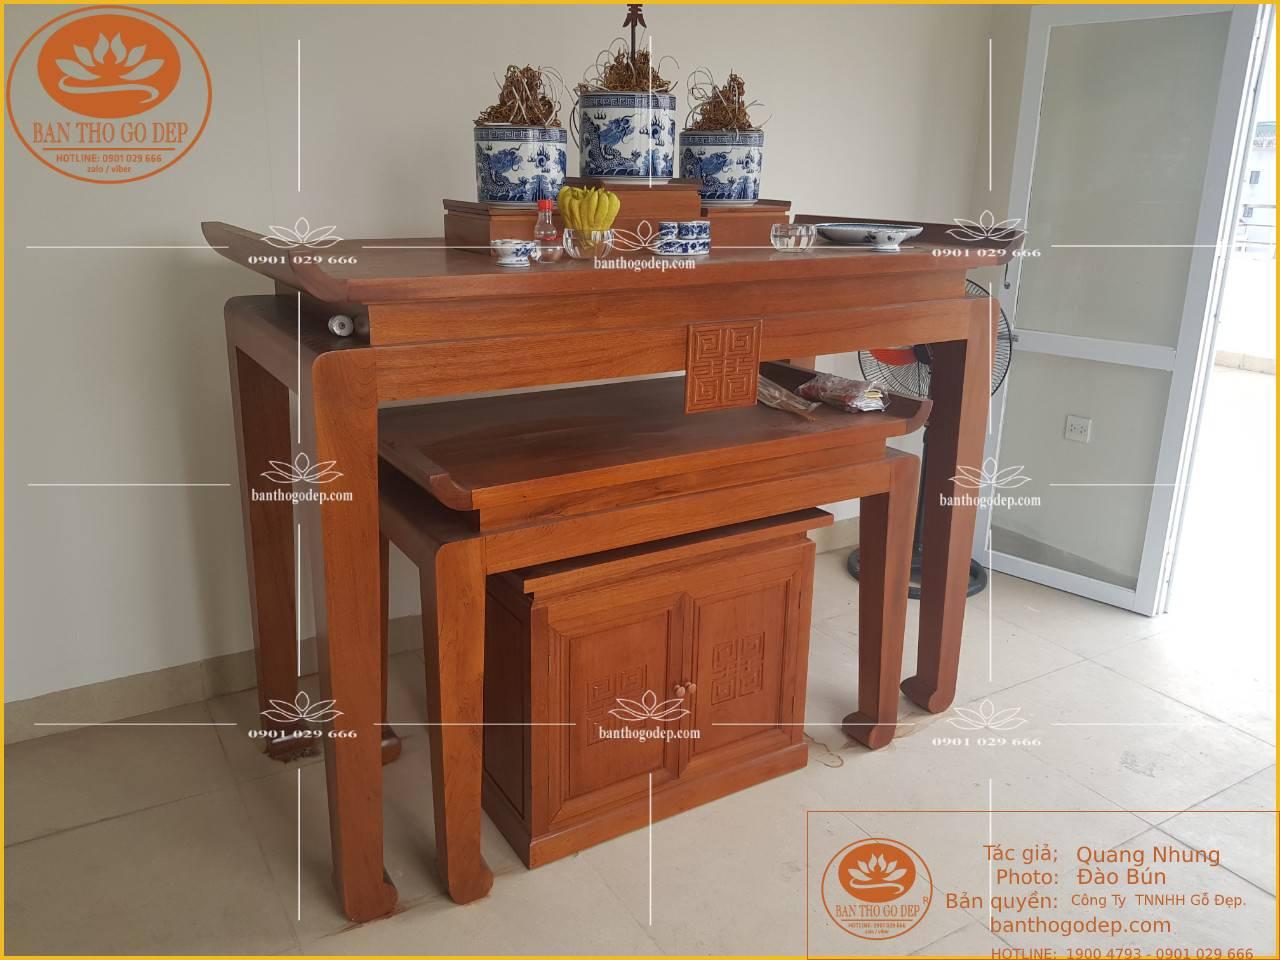 Bàn thờ làm từ gỗ sồi nguyên tấm, chống mối mọt